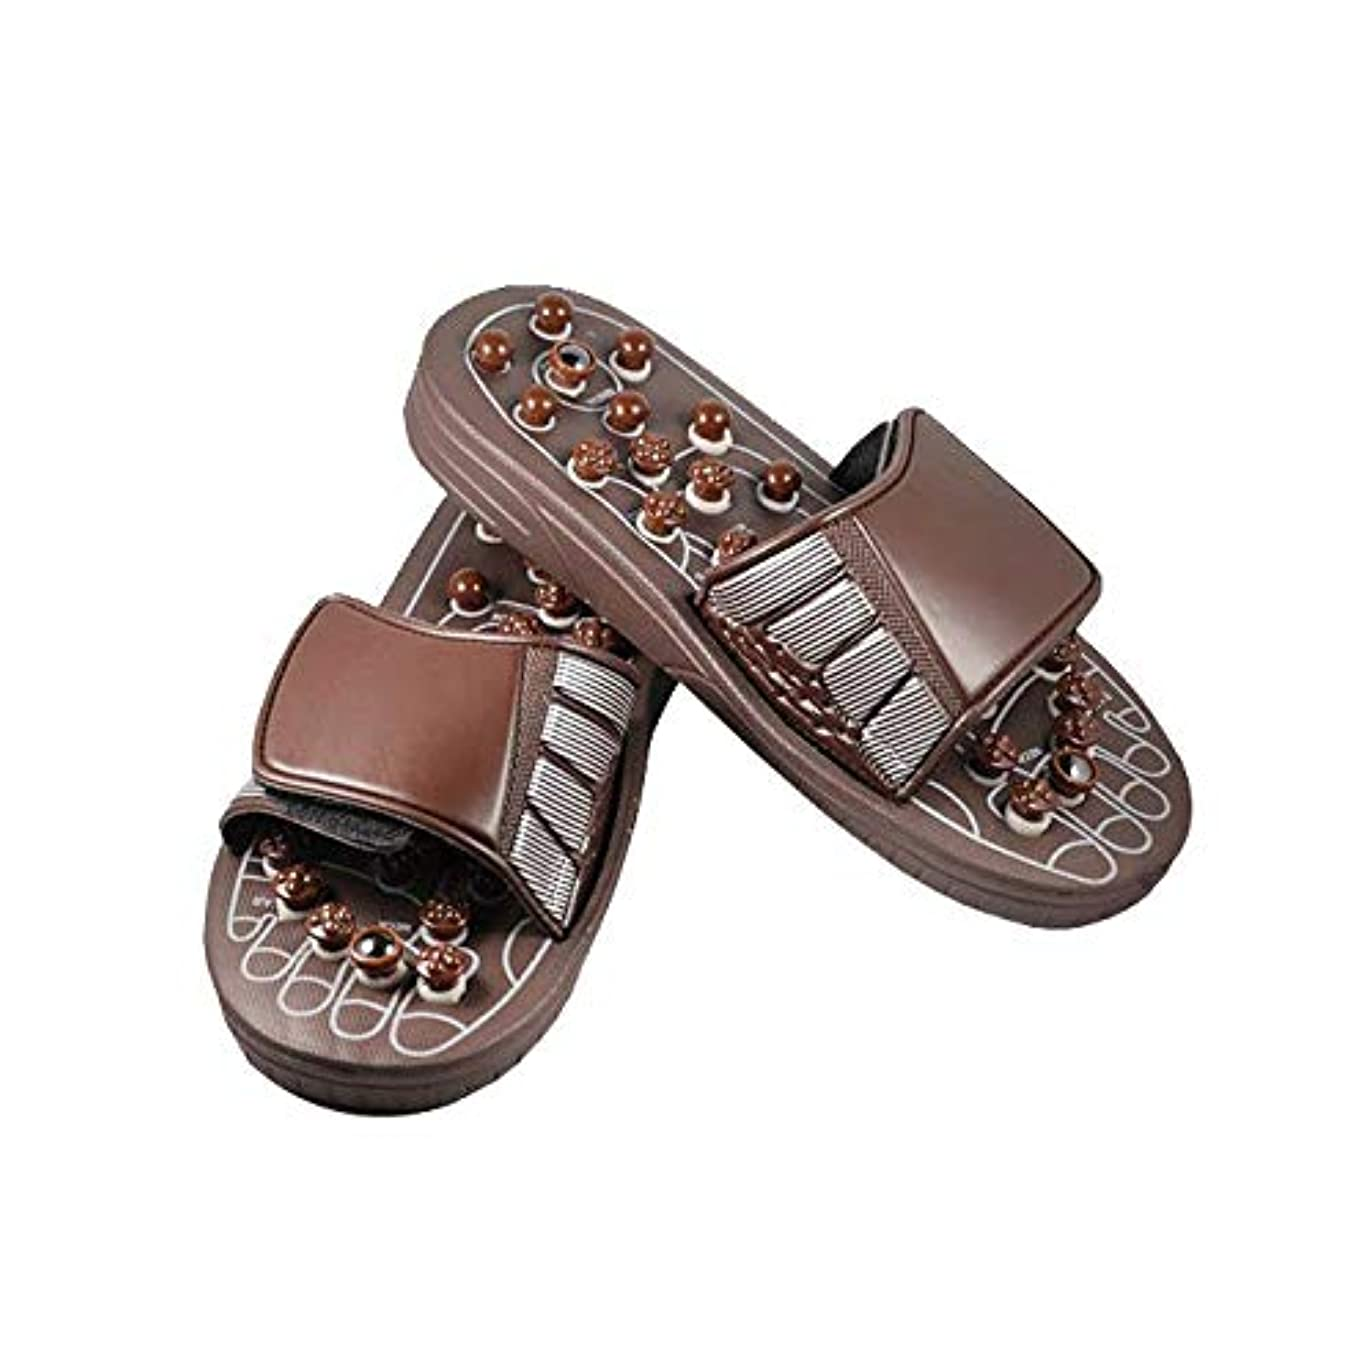 乳製品フォーカス証明するEuphoric Feet 男性と女性のためのマッサージスリッパ足リフレクソロジー指圧サンダルの靴の救済痛み (M)